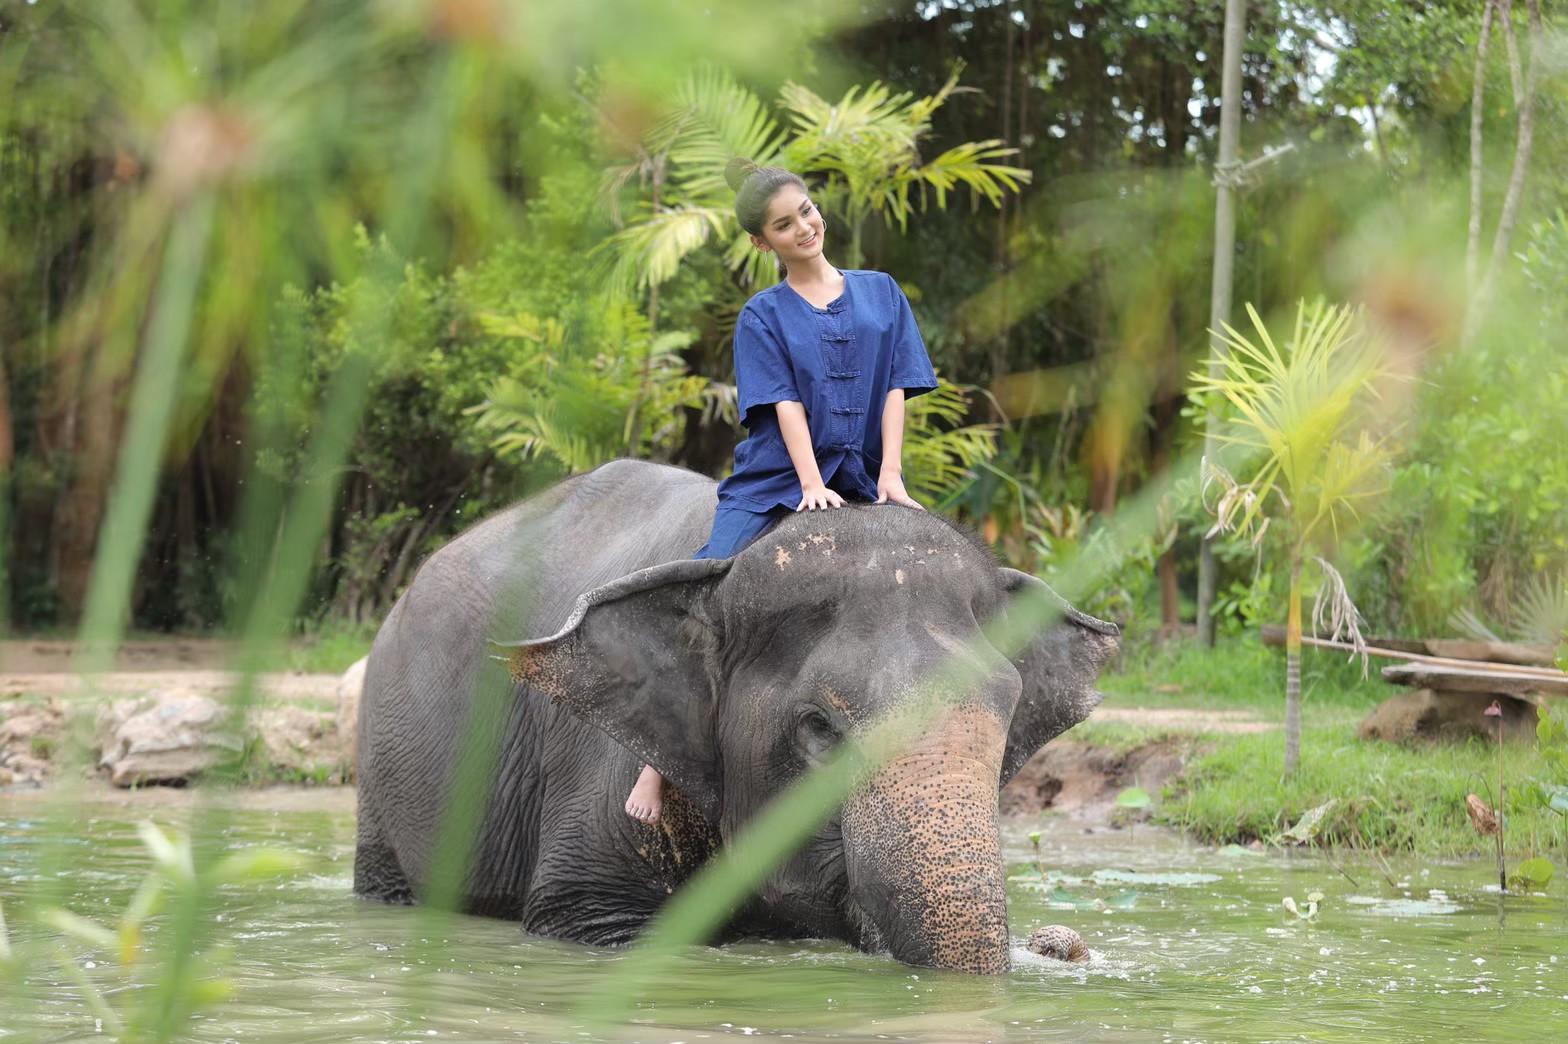 อาบน้ำกับช้าง_200103_0003